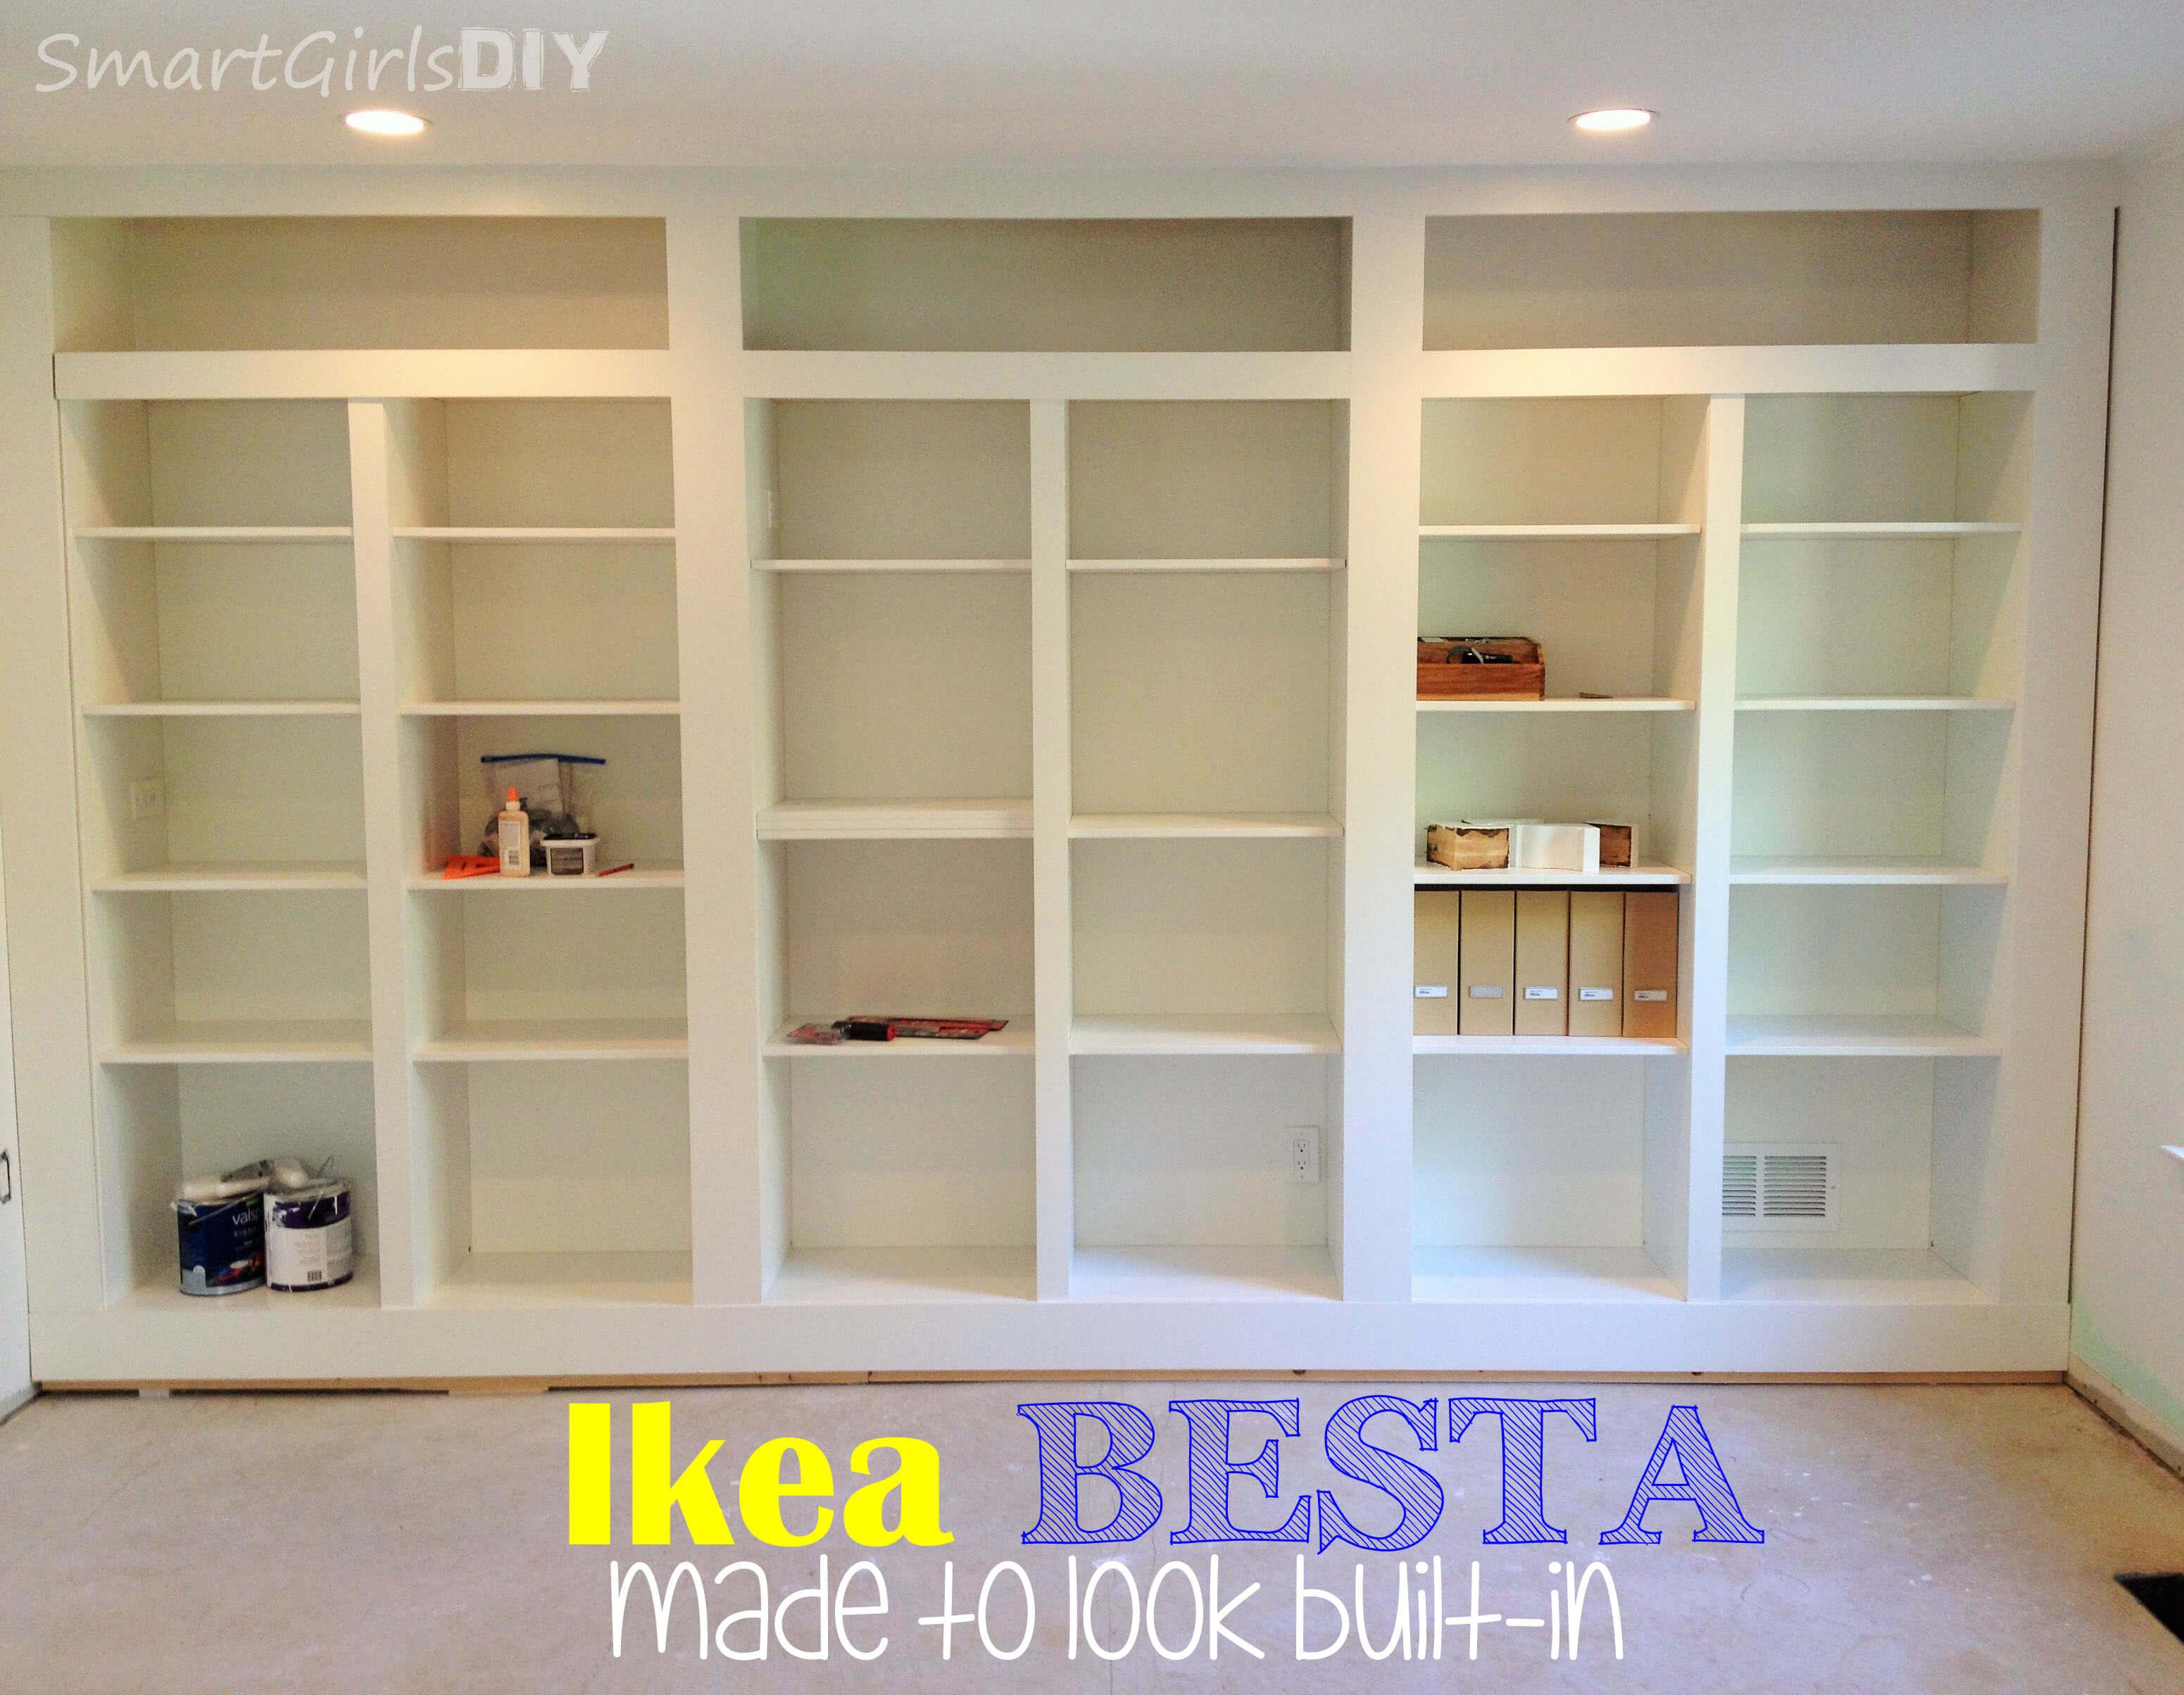 DIY Built In Bookshelves Using Ikea BESTA (Family Room 8)